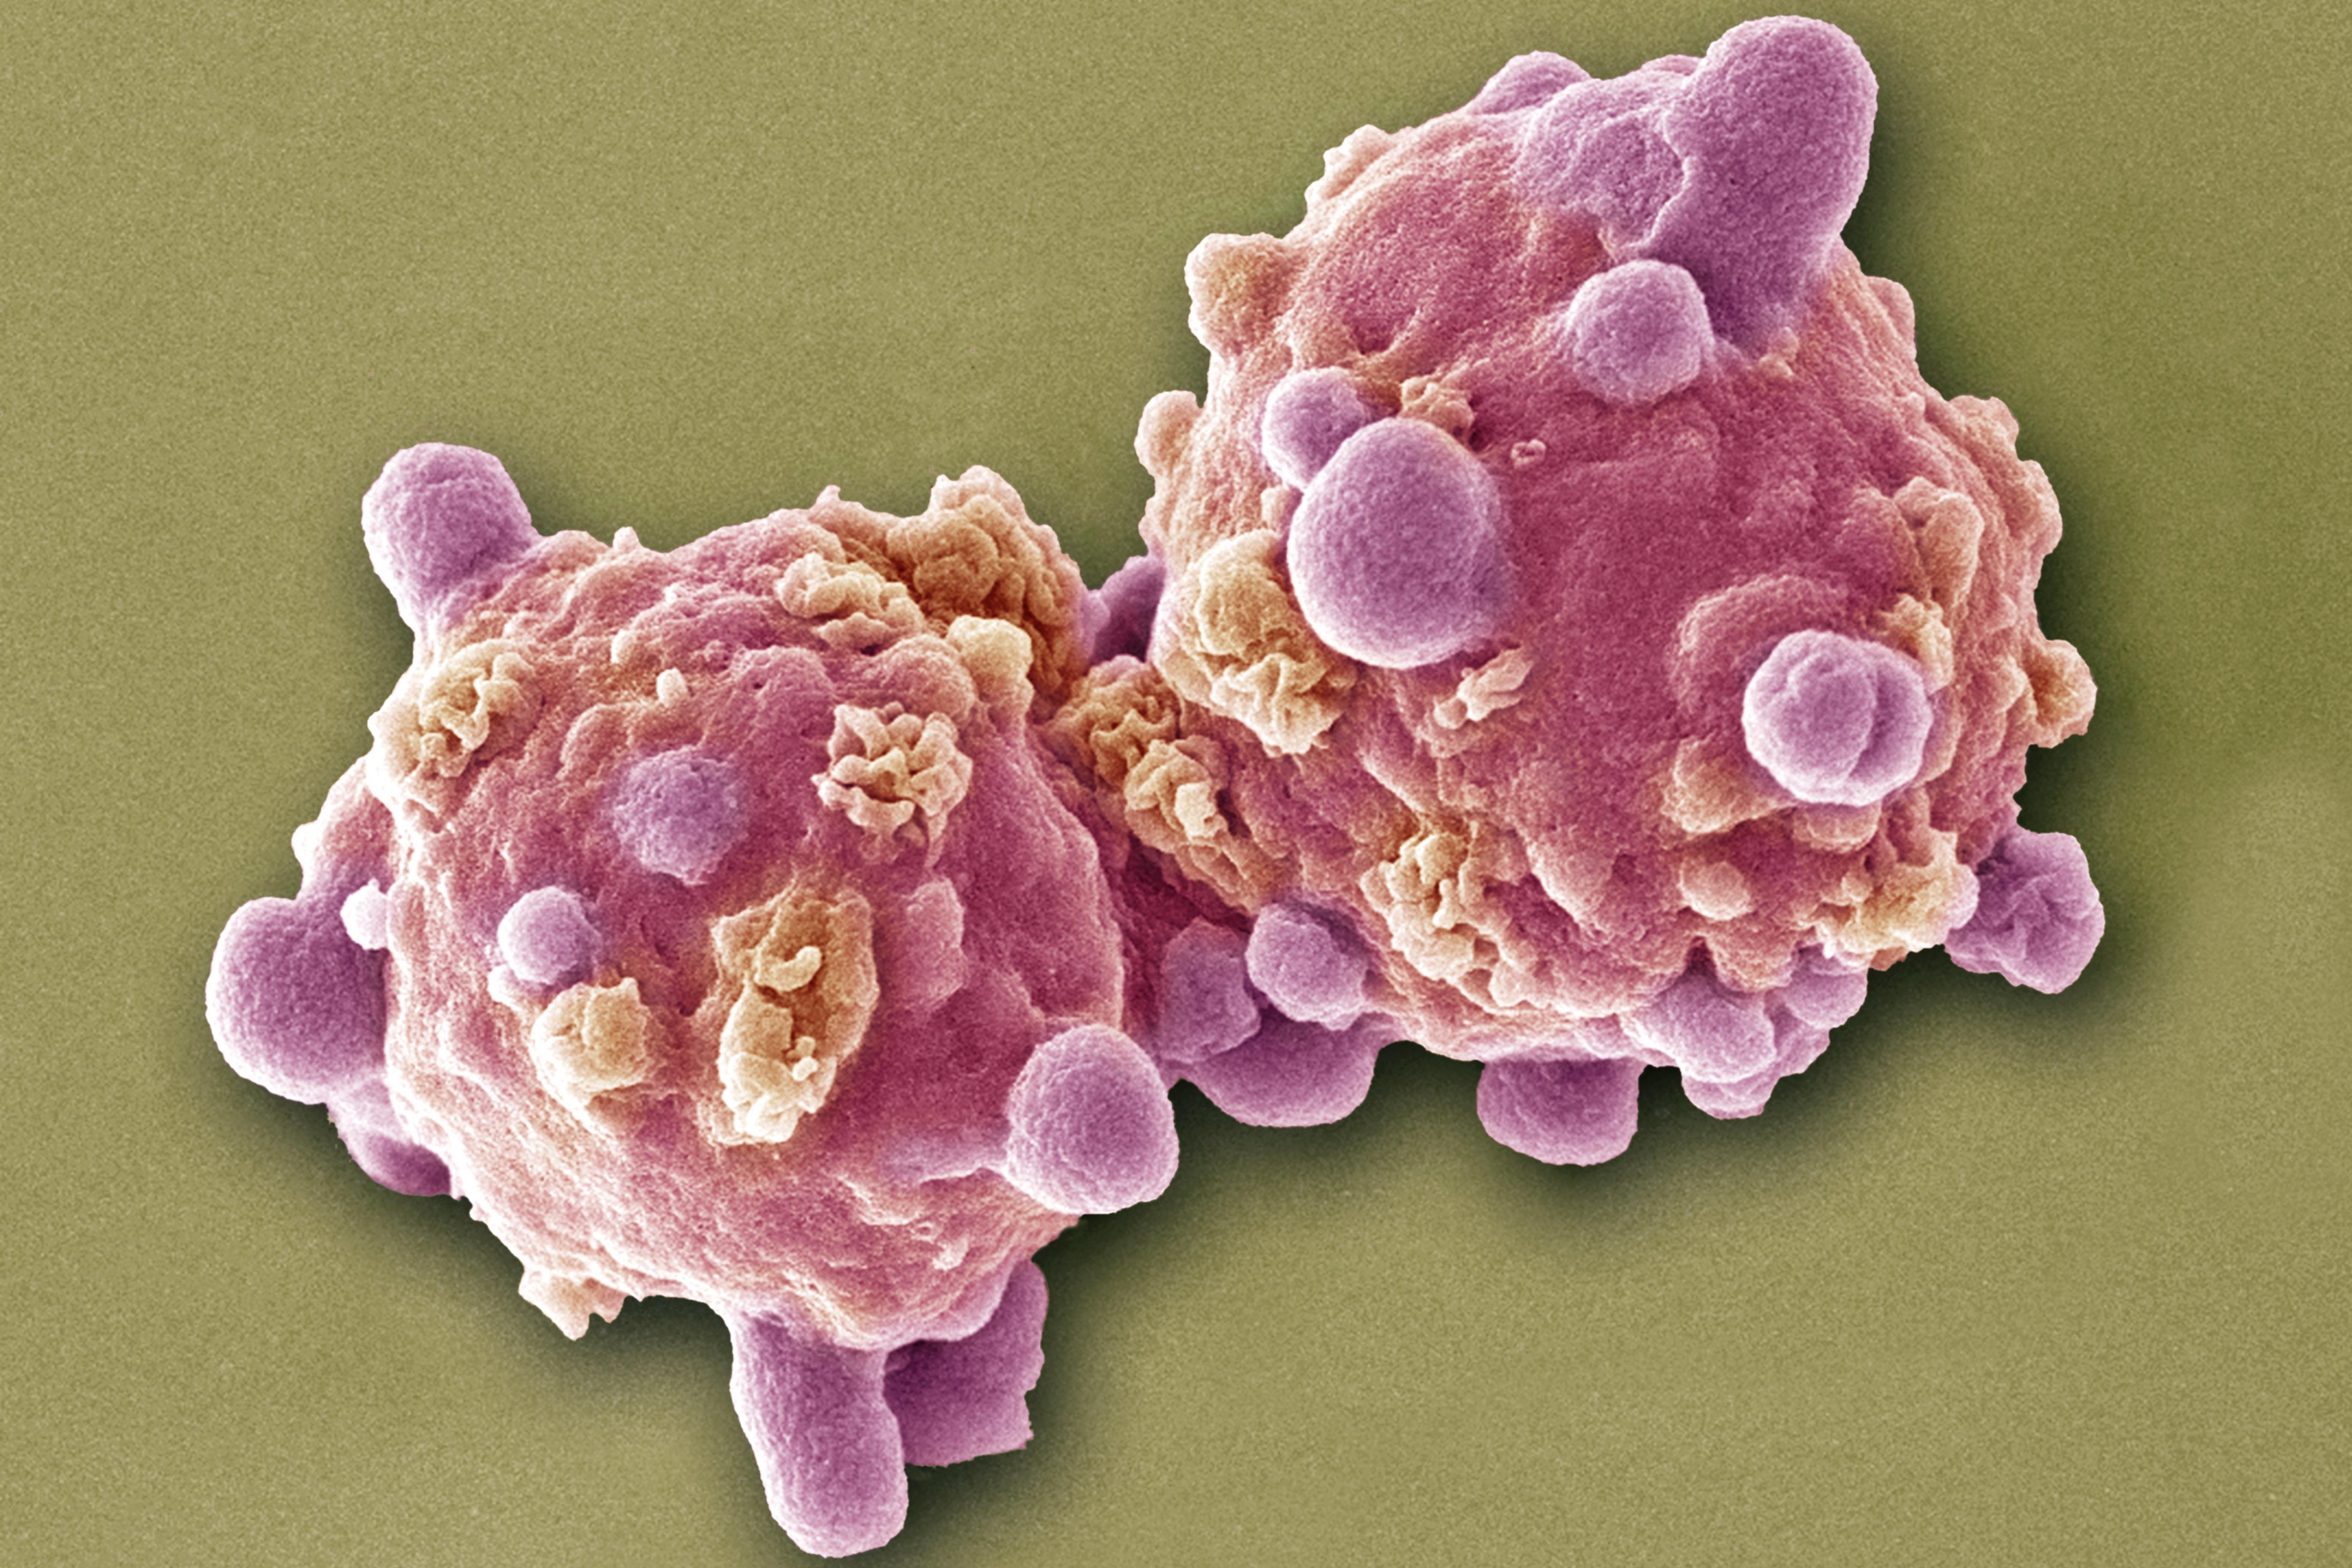 Gyermekek kezelésére alkalmazott helmintikus fertőzés tünetei. Parazita inváziók jelei - Vérhas